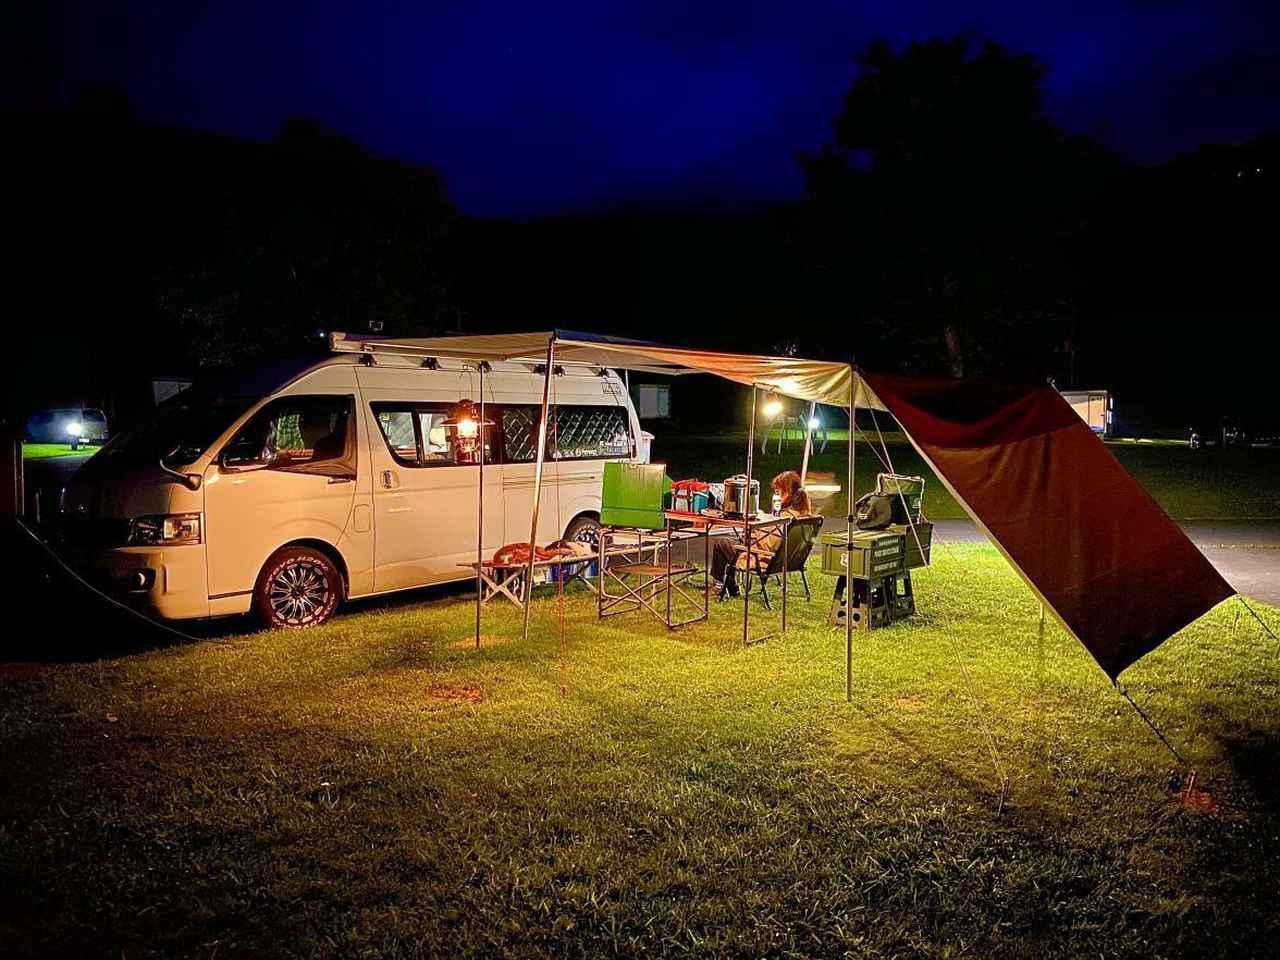 画像1: 【キャンプの基本シリーズ1】キャンプ歴40年のキャンプライターが教える『サイトの選び方とレイアウト』 - ハピキャン(HAPPY CAMPER)